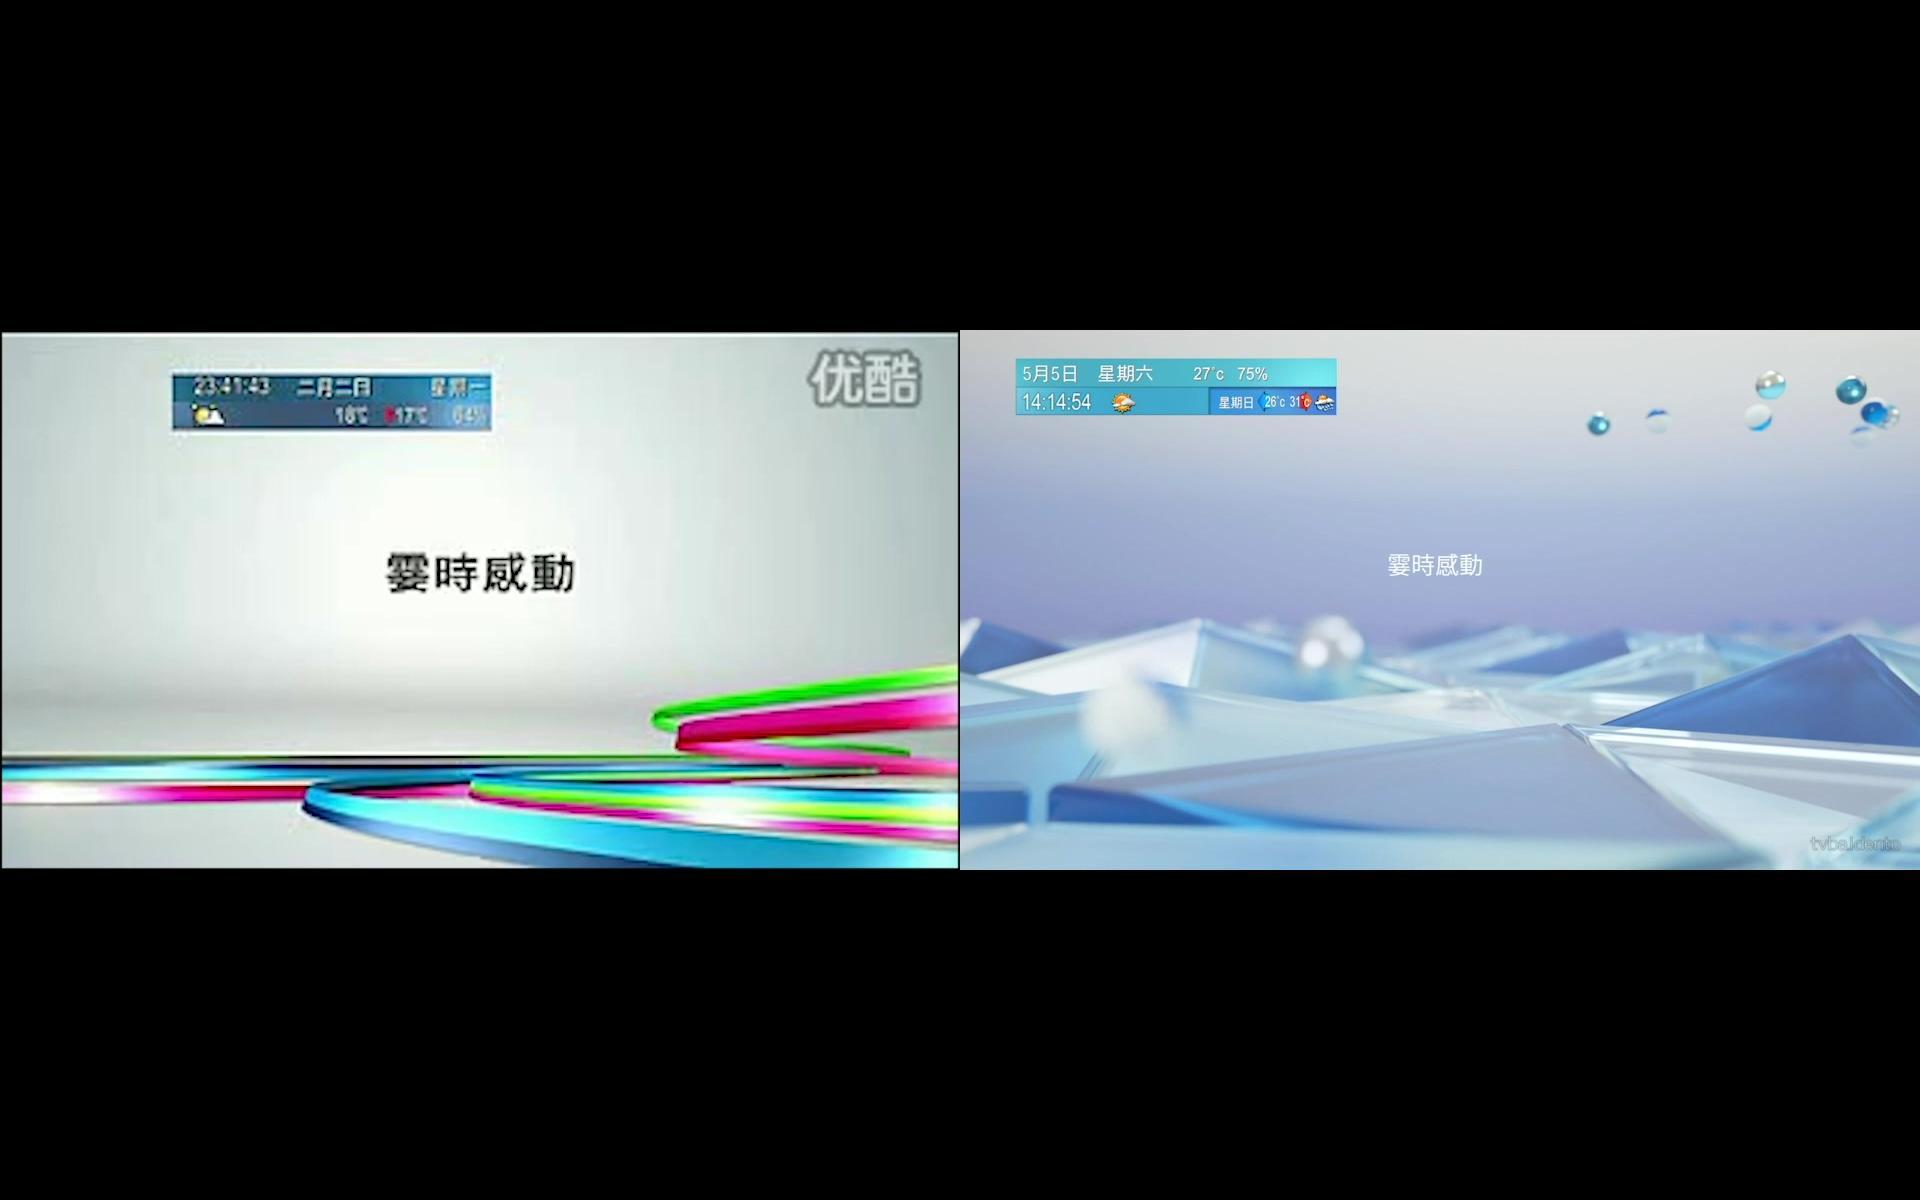 翡翠臺 《霎時感動》節目預告(2009 vs 2018)_嗶哩嗶哩 (゜-゜)つロ 干杯~-bilibili